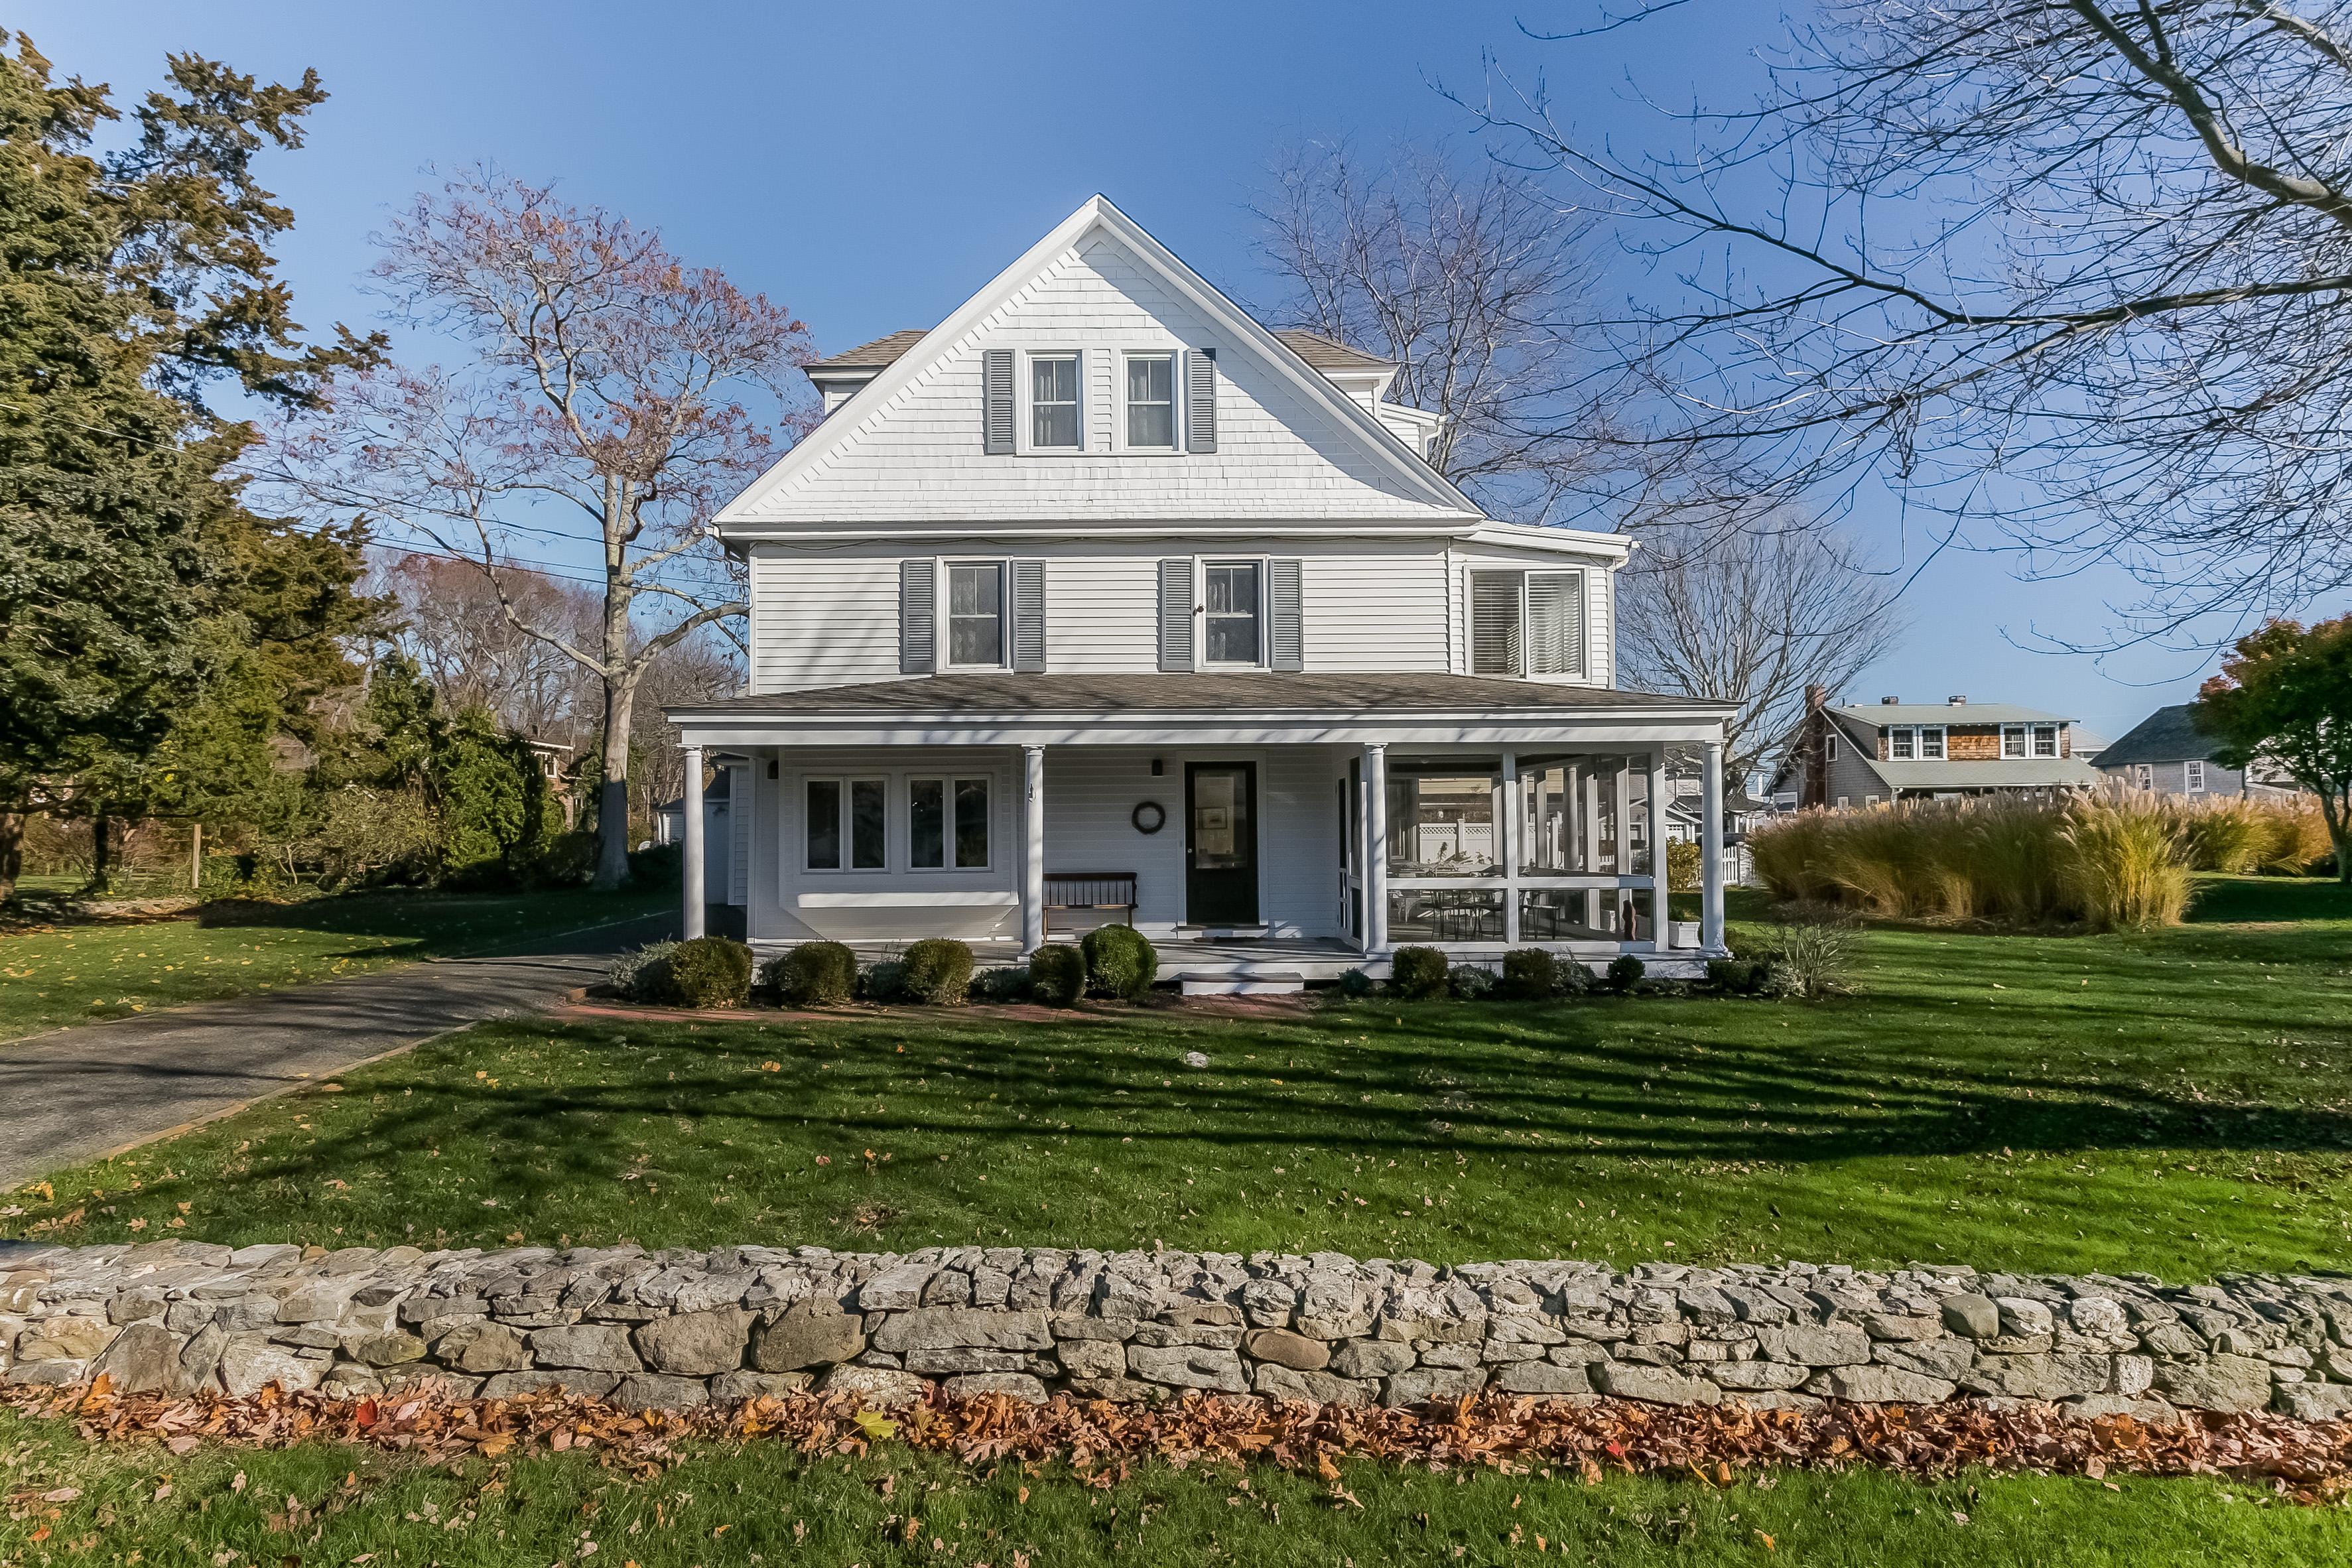 Maison unifamiliale pour l Vente à Charming Beach Area Home 16 Gull Rock Rd Madison, Connecticut 06443 États-Unis